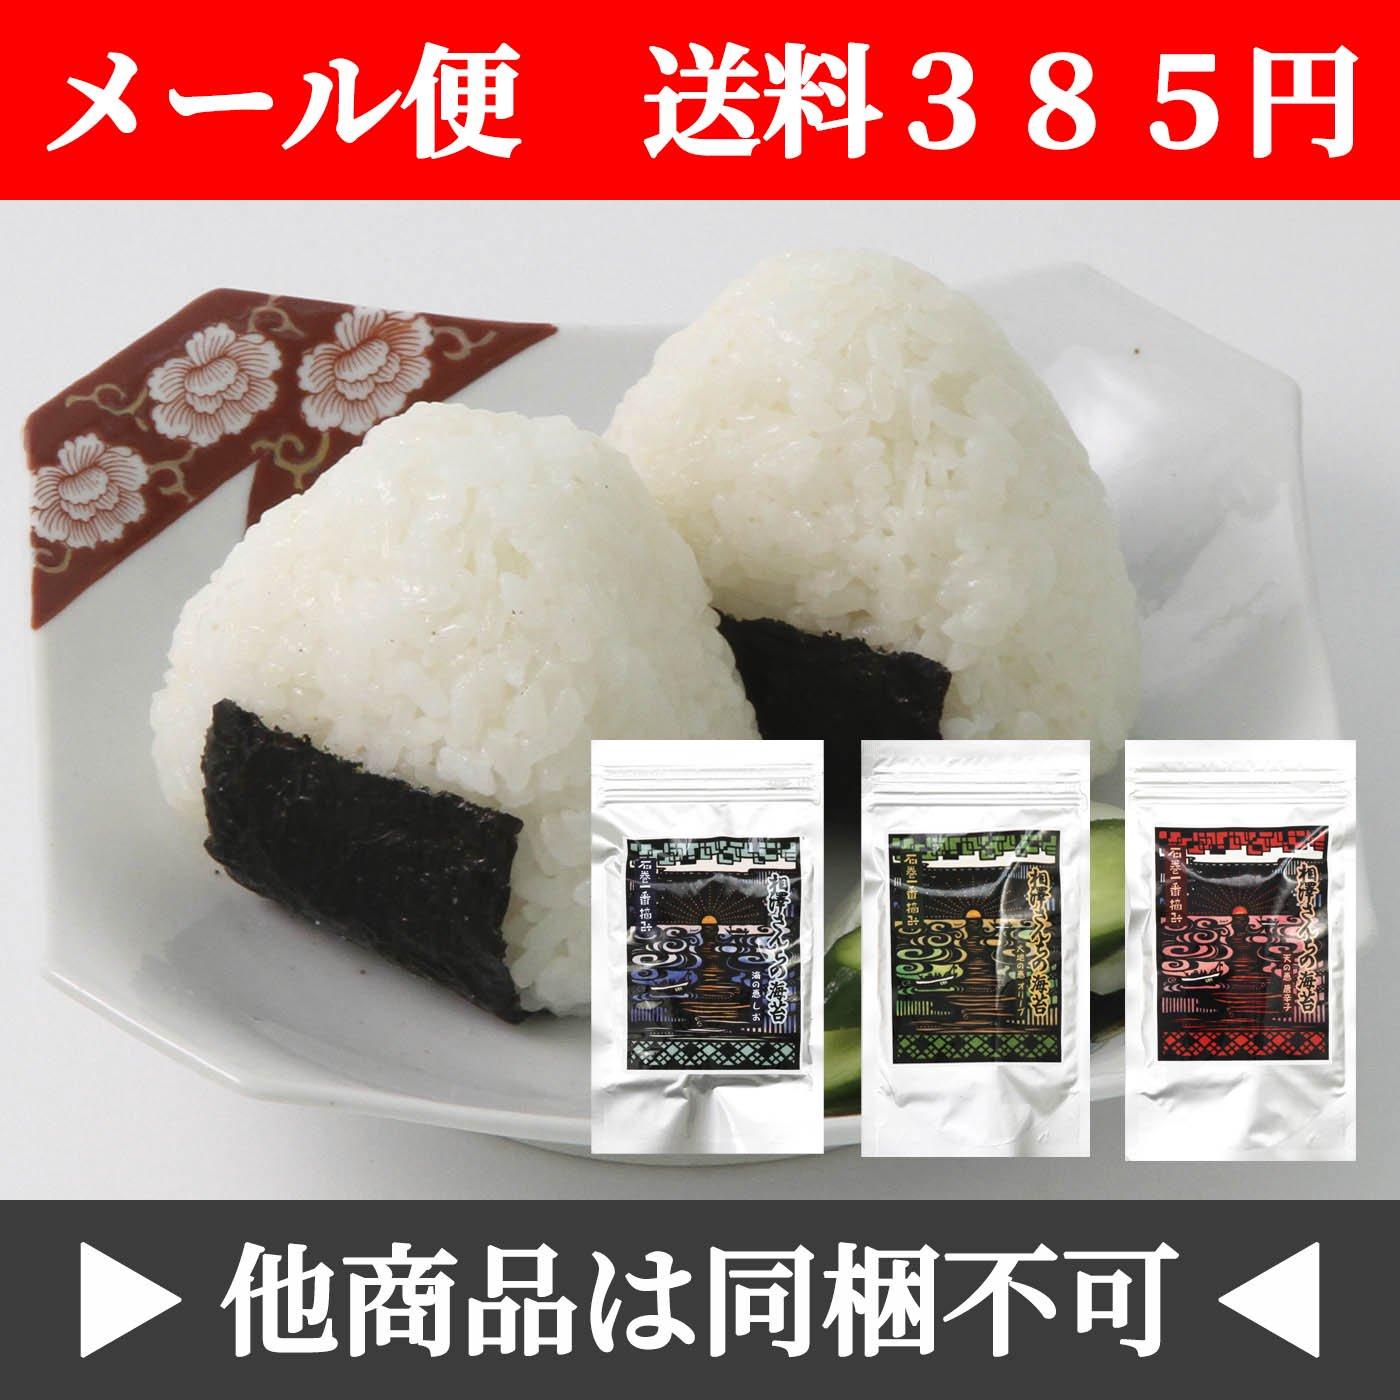 【メール便】【メール便】相澤さんちの海苔 3袋セット